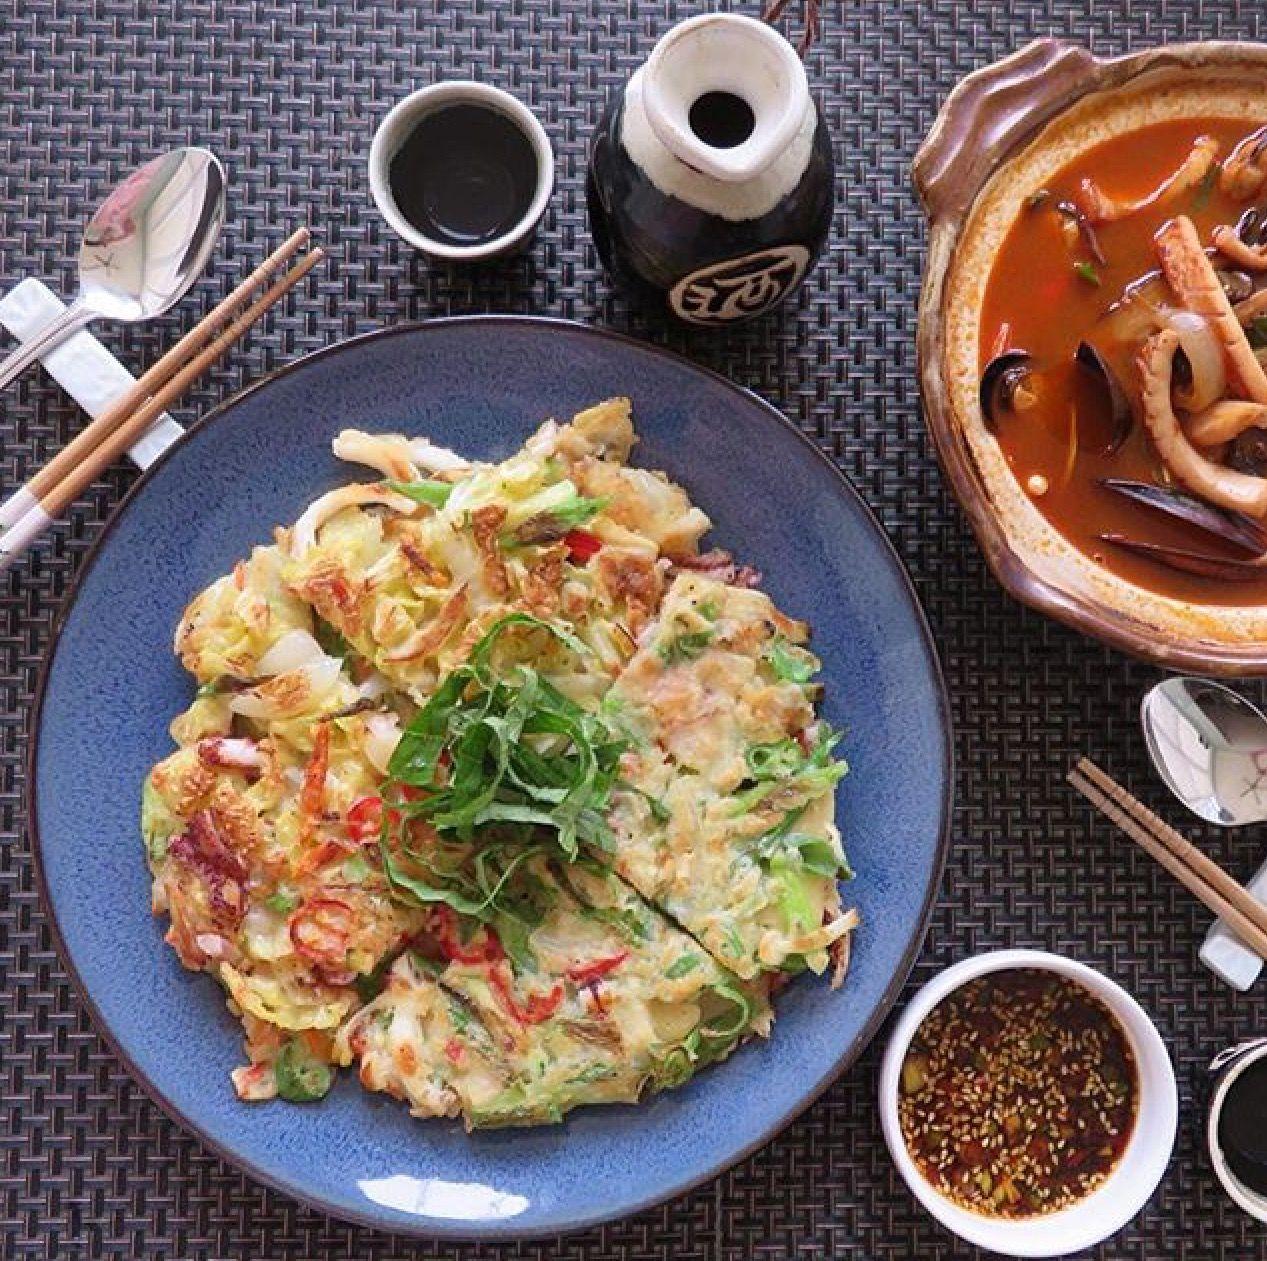 Seafood pancake 해물파전과 짬뽕